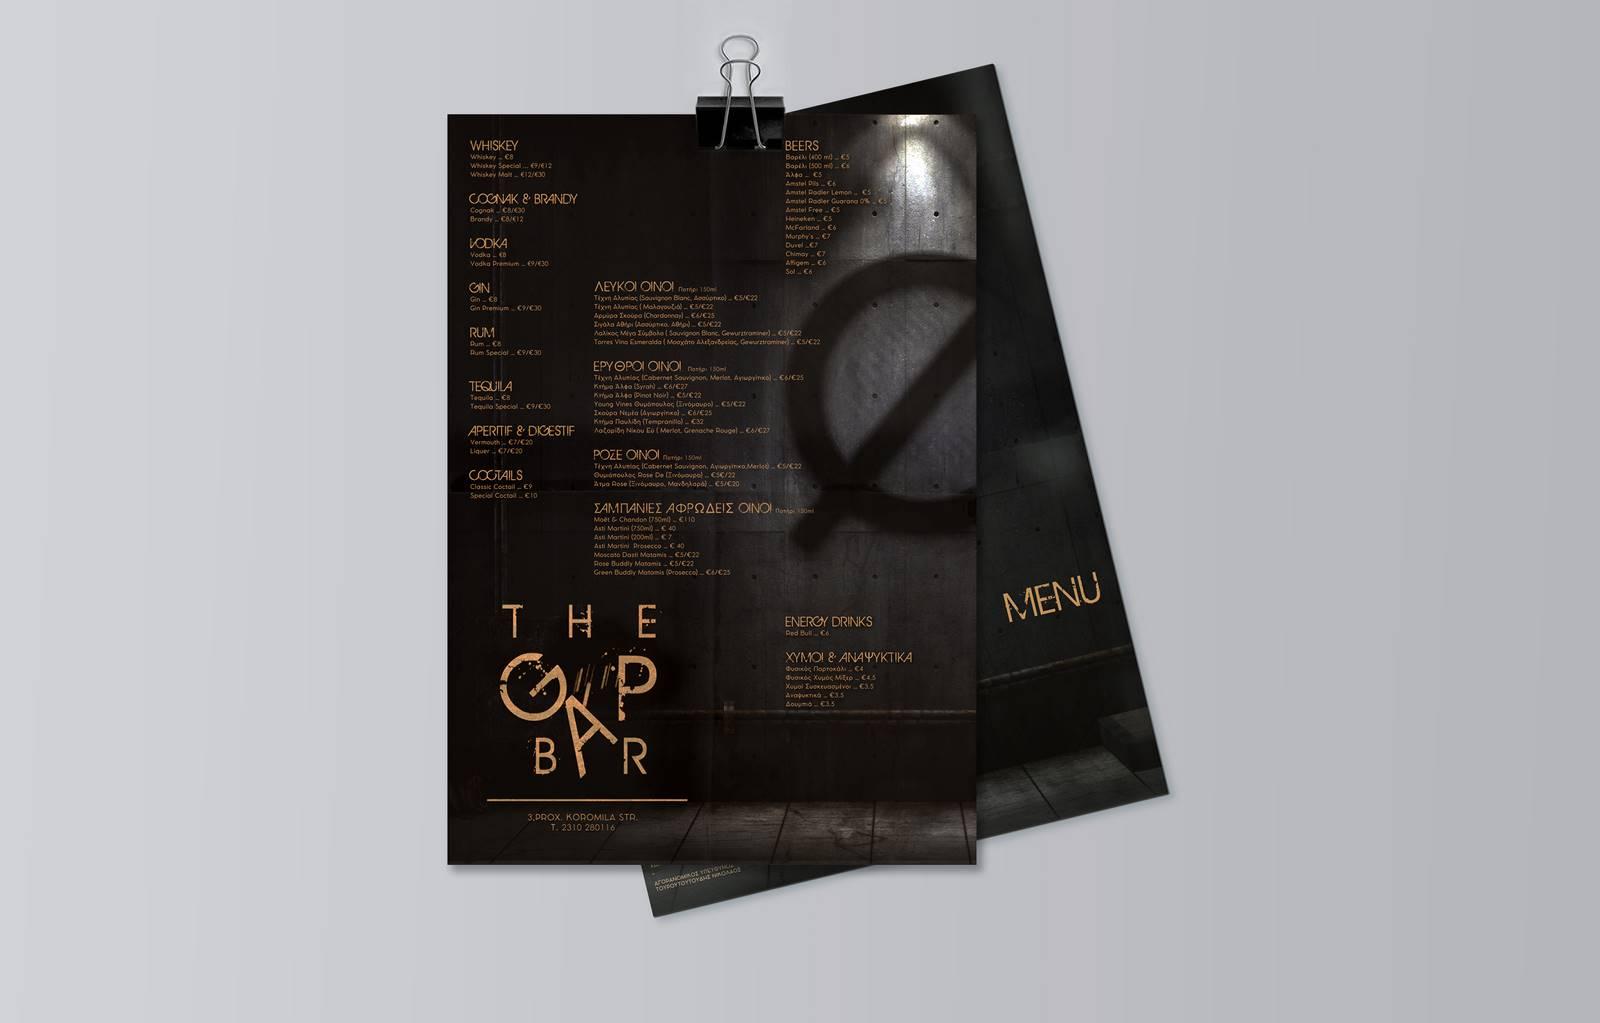 Gap Bar - Seven